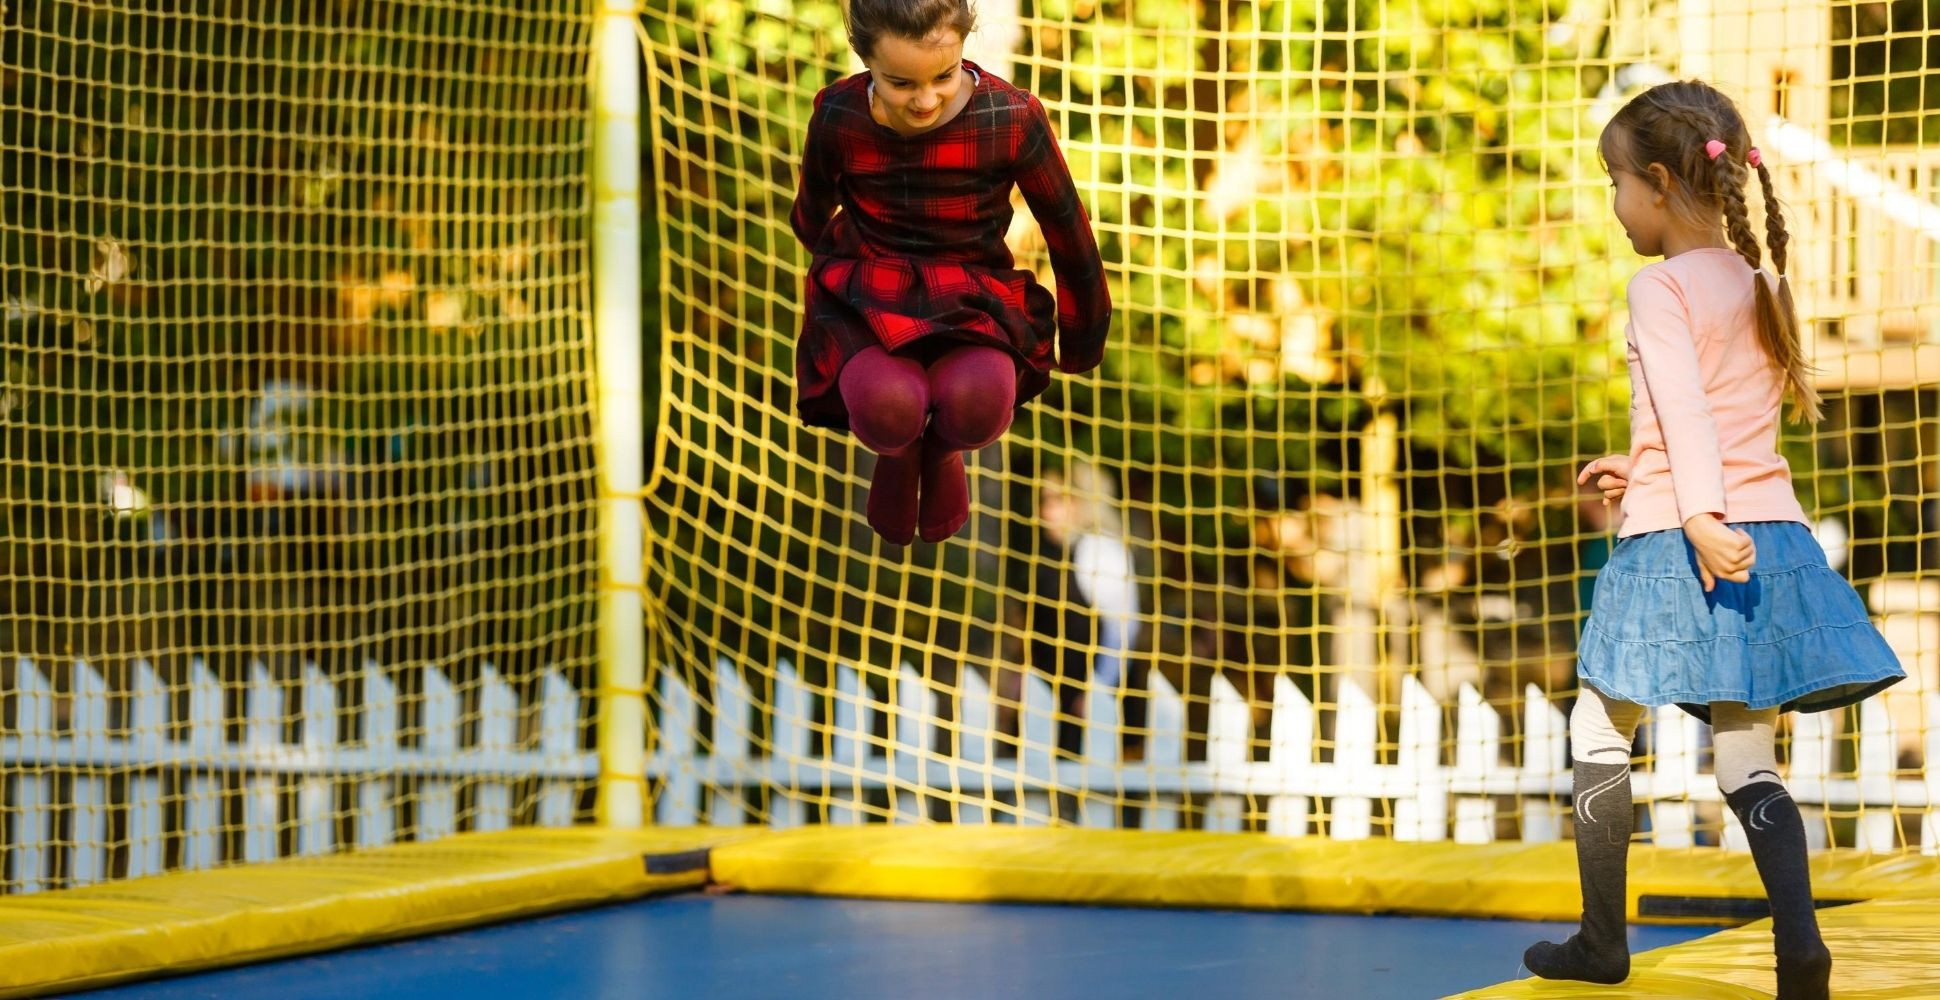 best-rectangular-trampoline